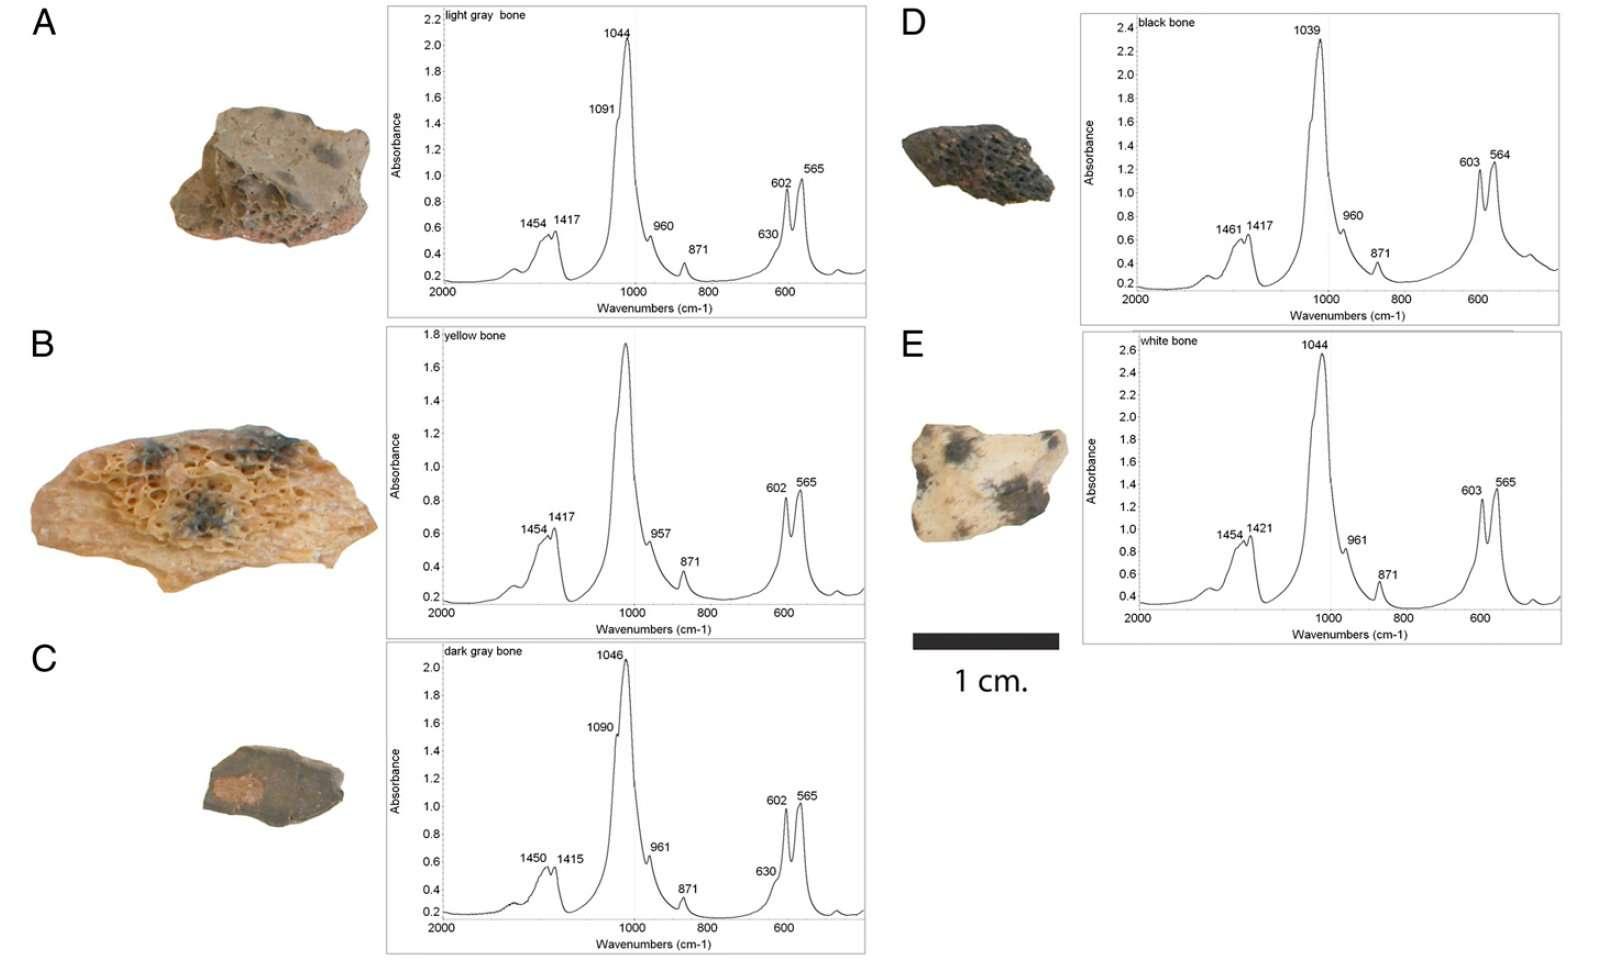 Comment mesurer les températures maximales auxquelles ont été exposés des objets retrouvés calcinés. Ici les fragments d'os exhumés de la grotte Wonderwerk. Pour les échantillons A, C et D, la spectrométrie infrarouge montre deux bandes d'absorption caractéristiques d'une température supérieure à 400 °C. Les fragments B et E, eux, n'ont pas été cuits ou alors à des températures inférieures à 400 °C. © Francesco Berna et al./Pnas